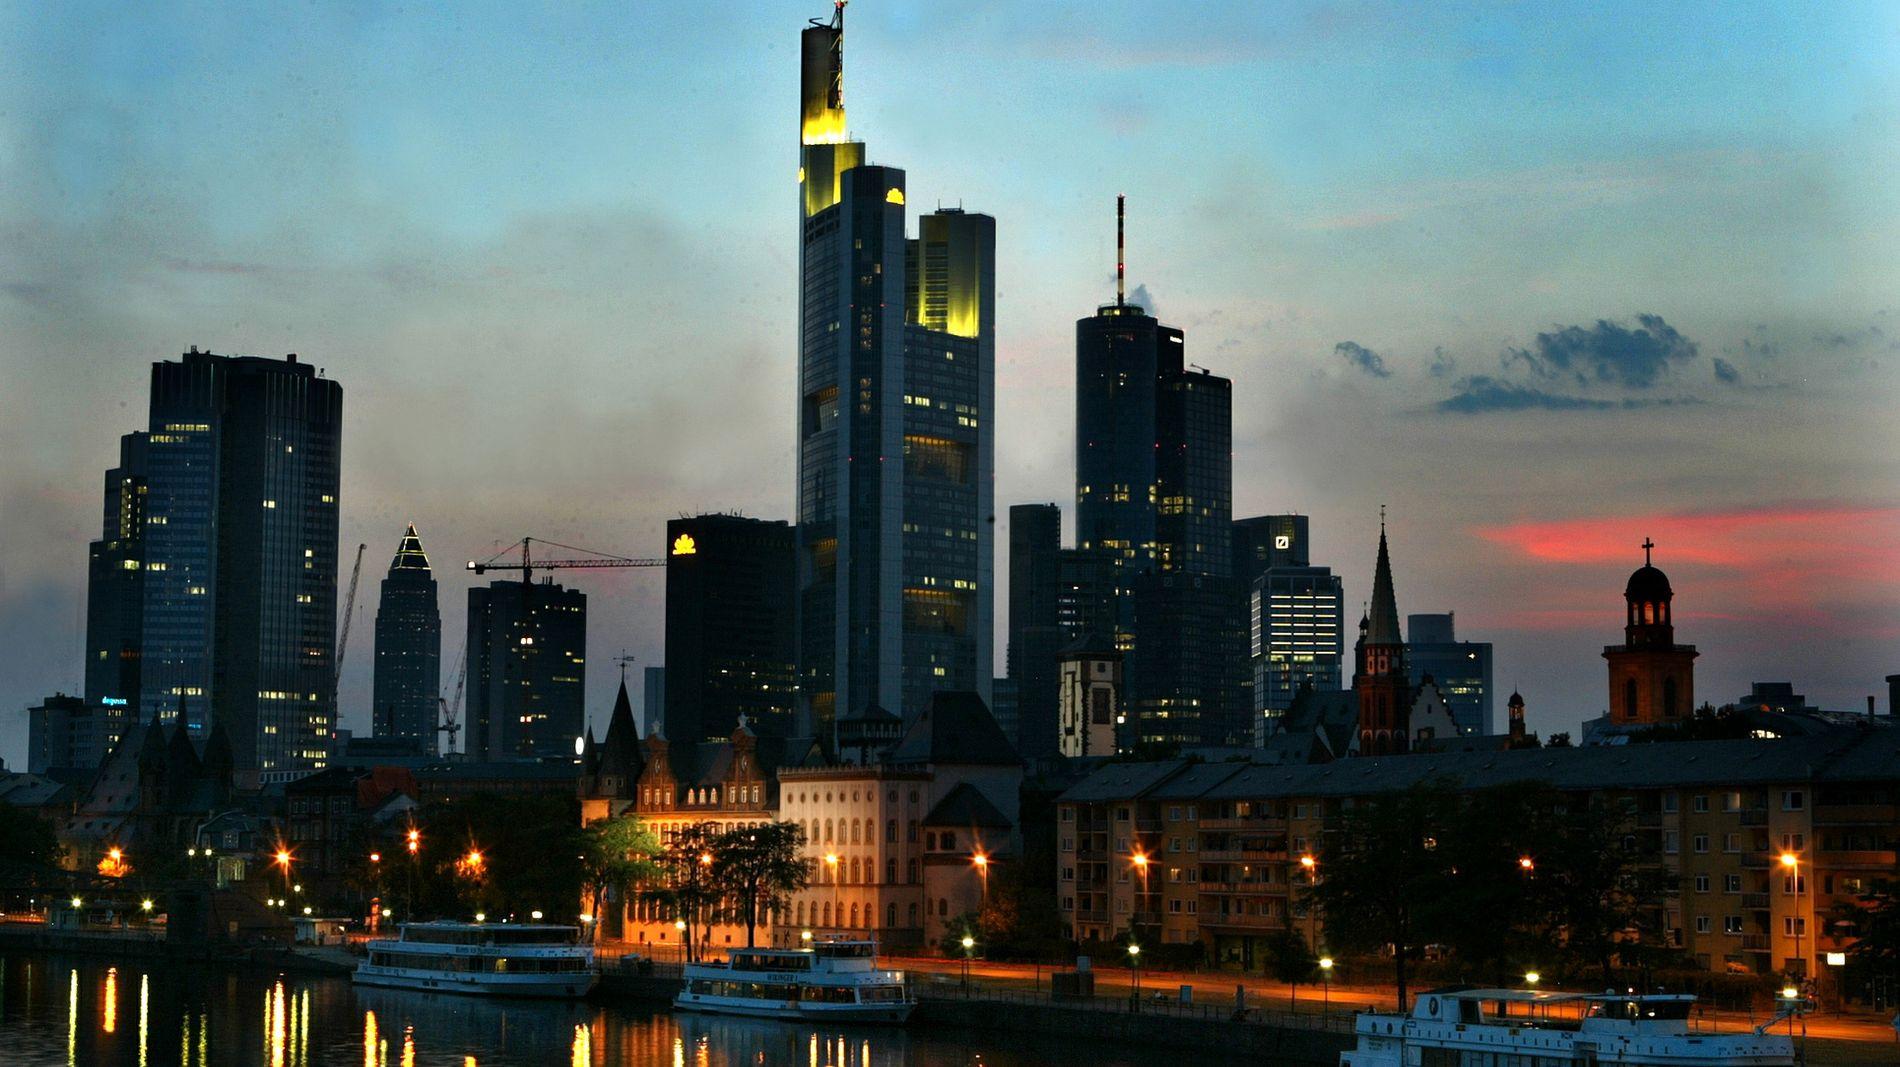 STÅR KLARE: En lobbygruppe i Frankfurt forventer at opp mot 10.000 finansfolk fra London flytter til byen som en konsekvens av Brexit.